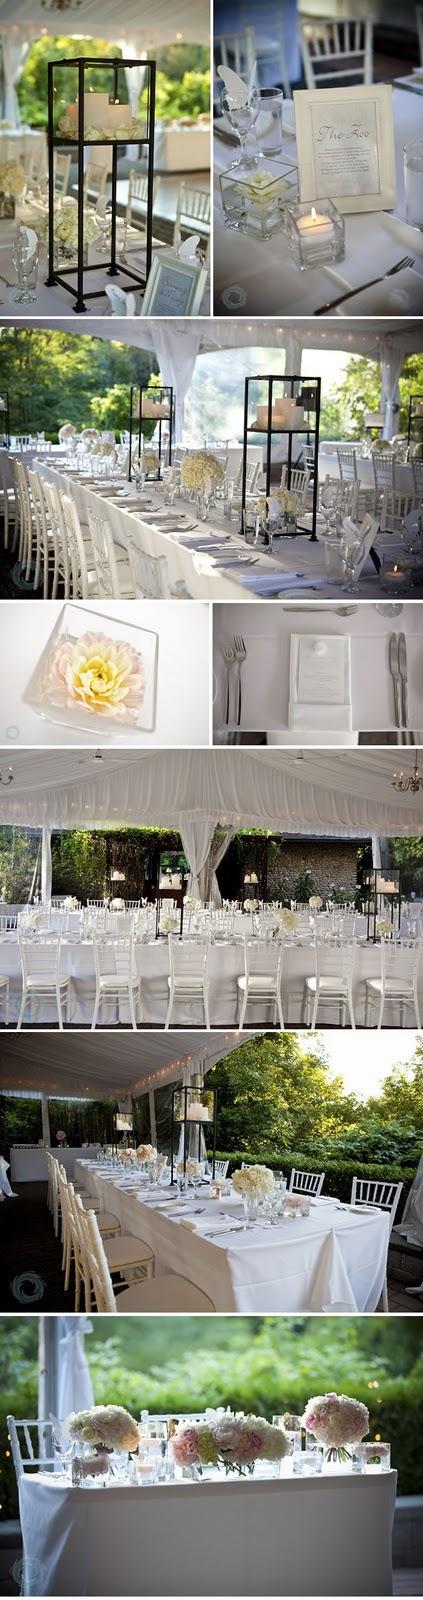 It 39s part romance part garden party and part classic elegance Enjoy